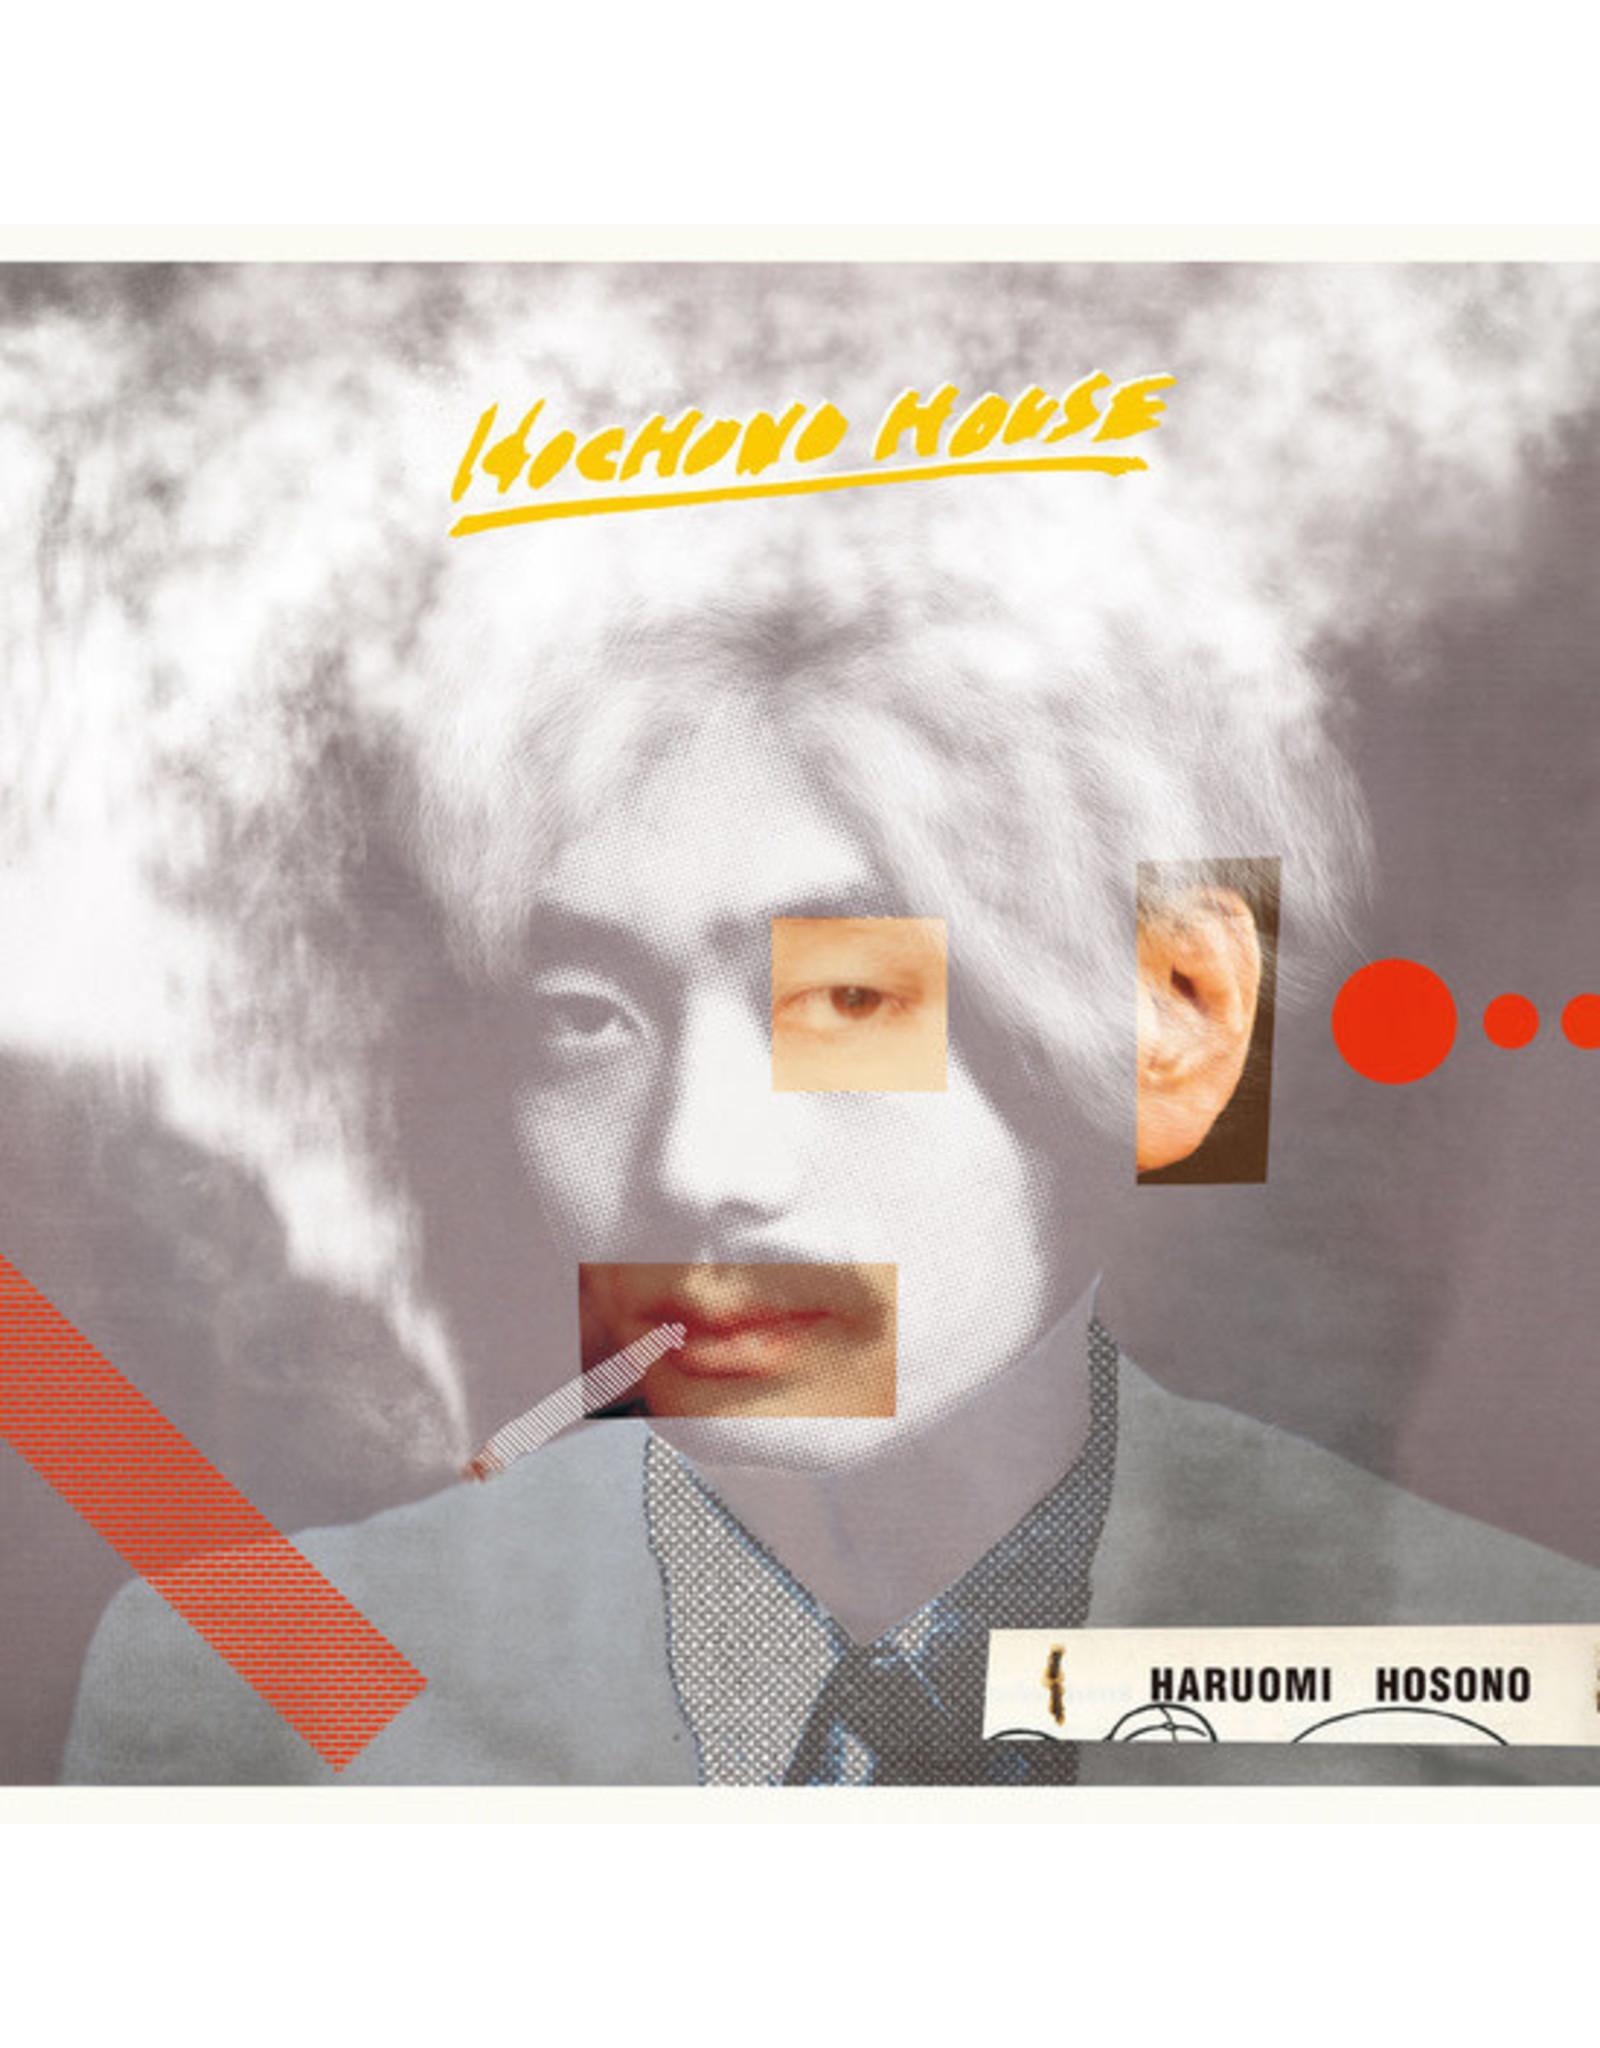 Victor Hosono, Haruomi: Hochono House LP